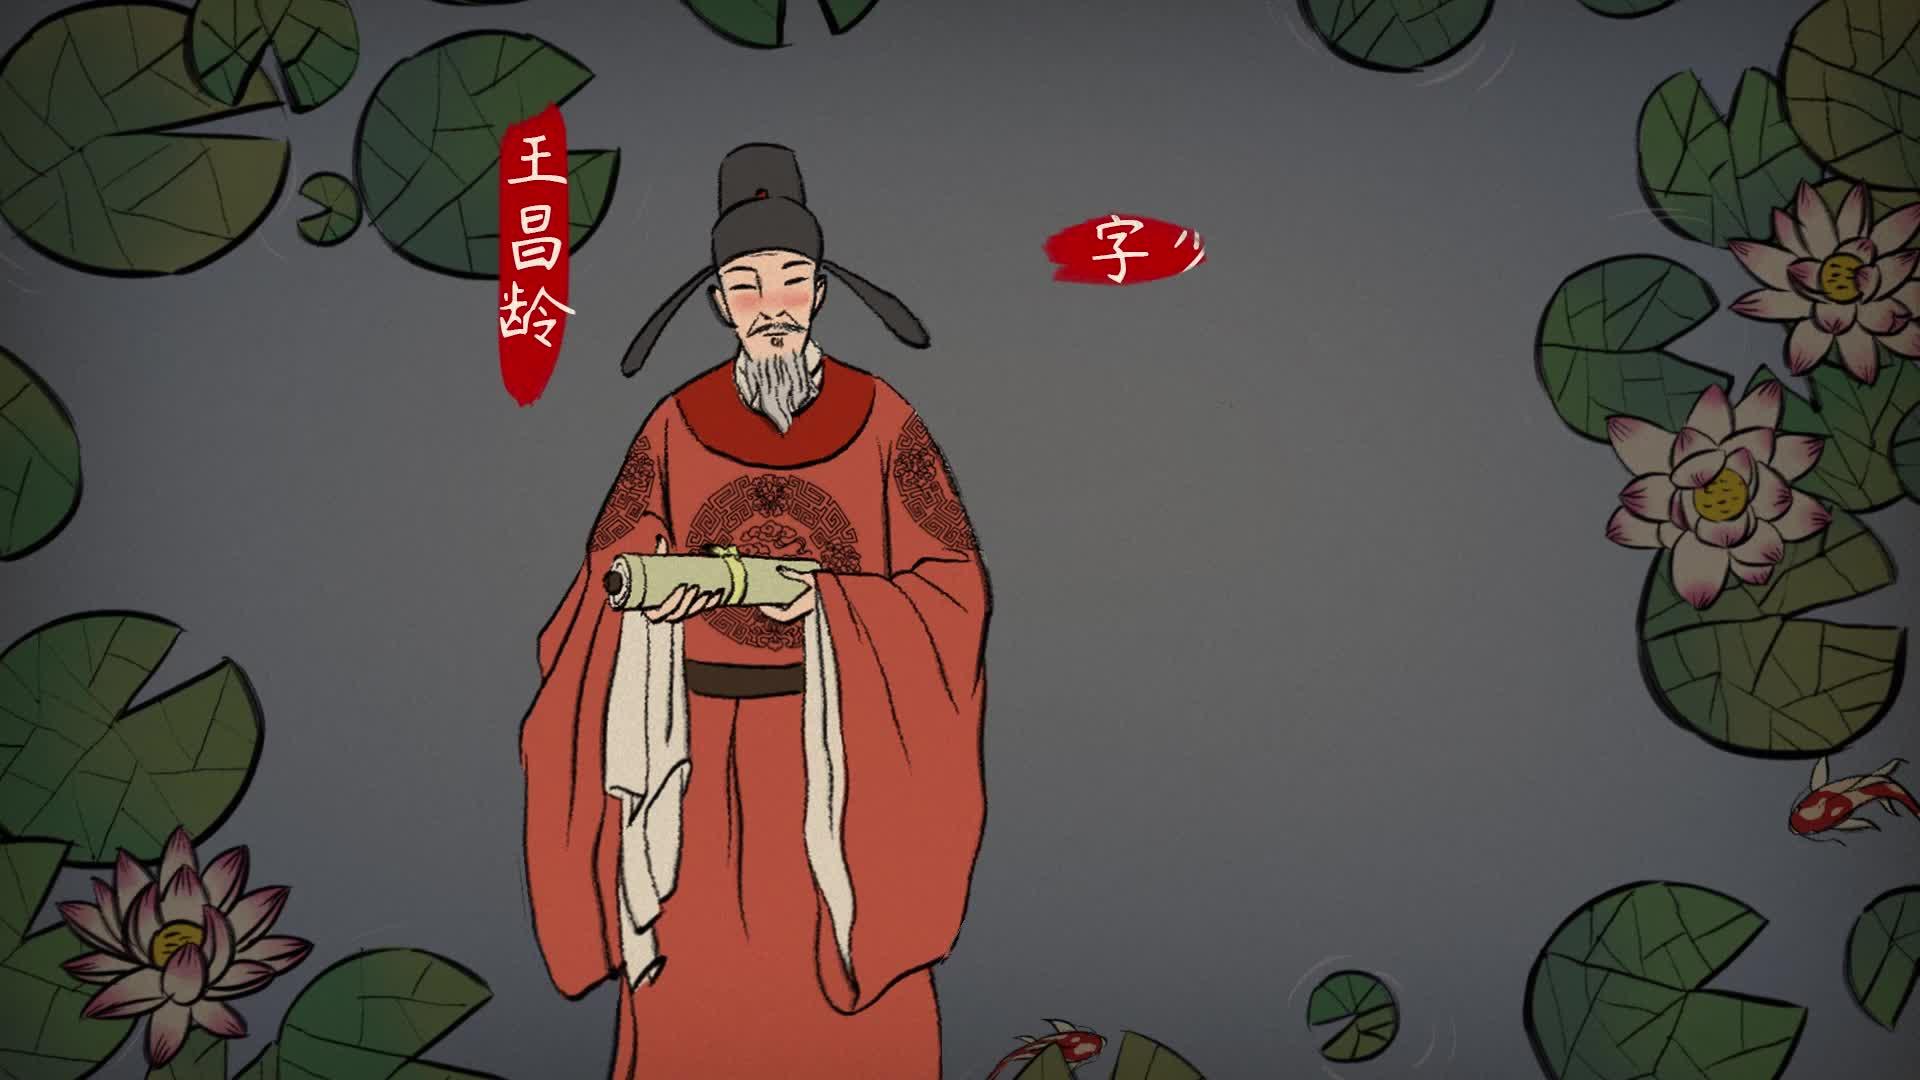 《小学古诗》36采莲曲-唐 王昌龄